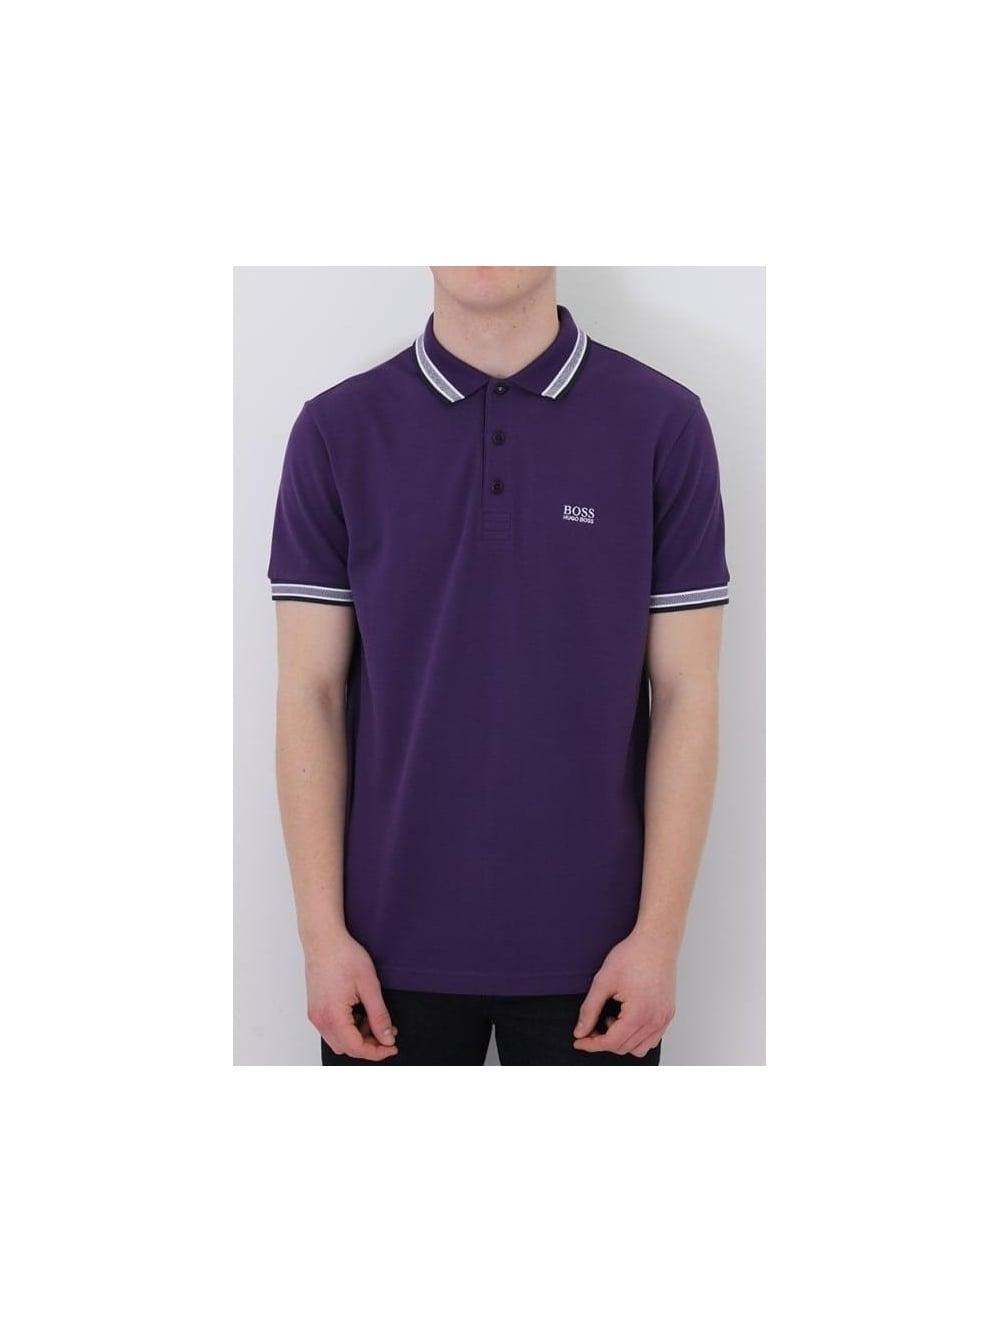 40da55924 HUGO BOSS BOSS Green Paddy Polo In Dark Purple - Northern Threads